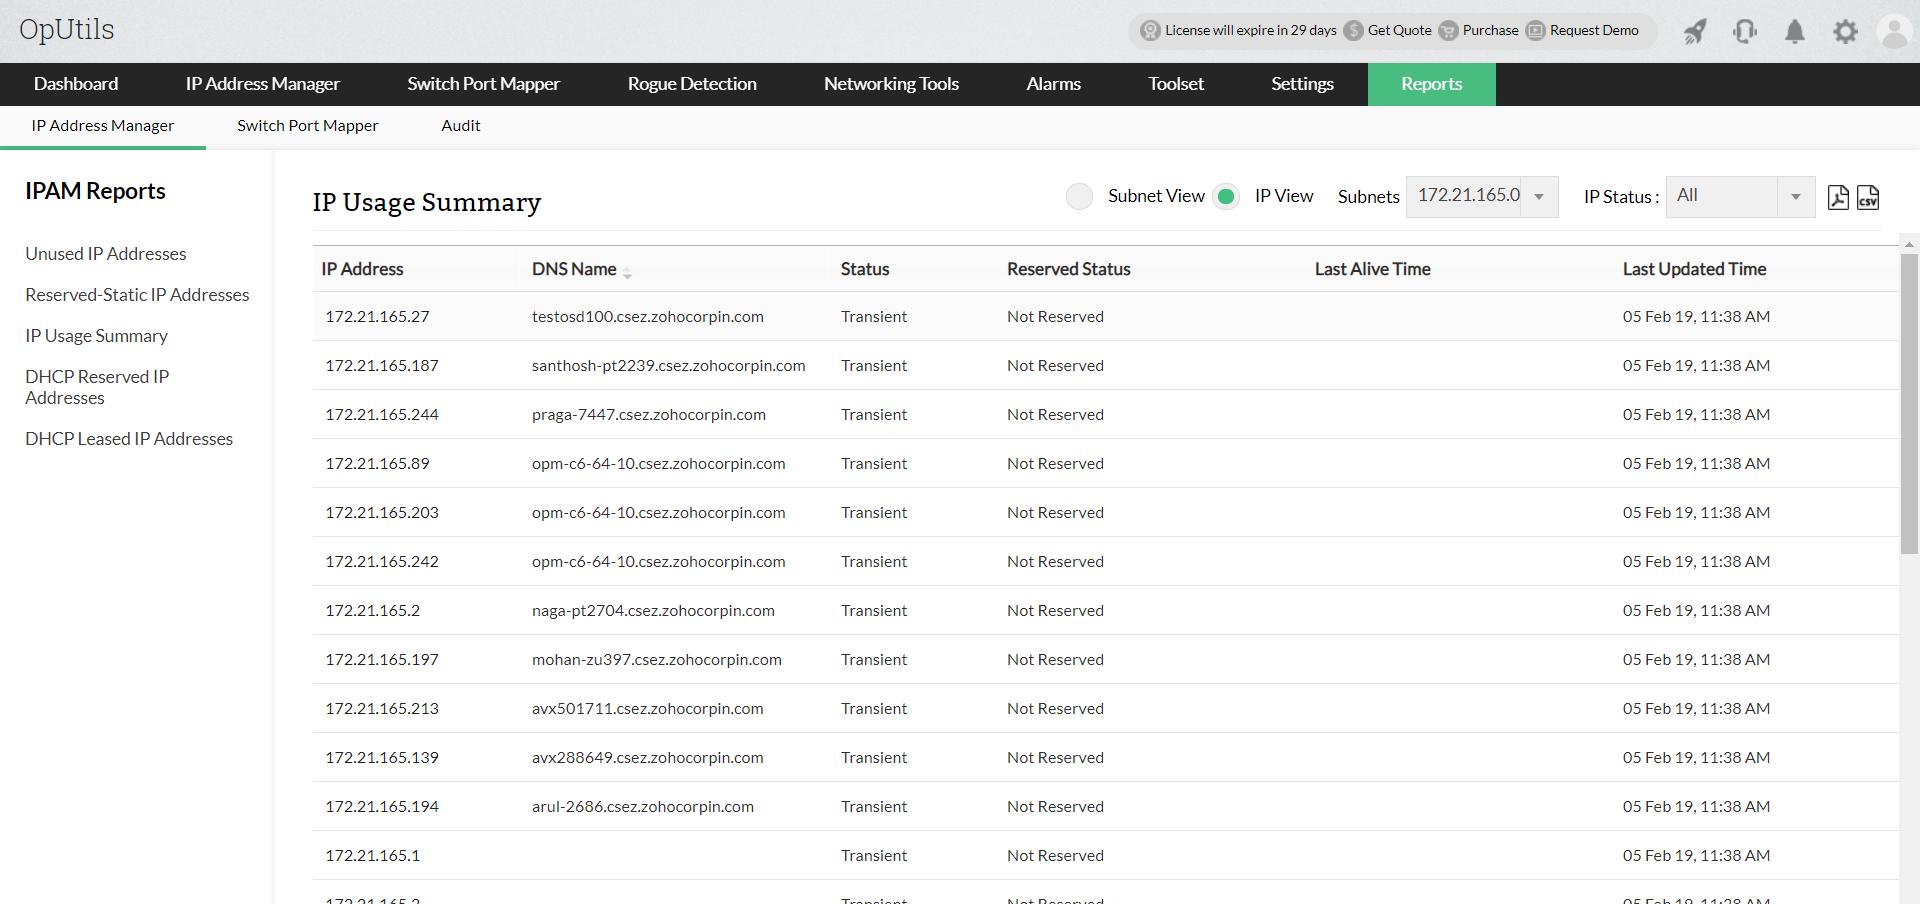 Zarządzanie adresami IP Raporları - ManageEngine Oputils